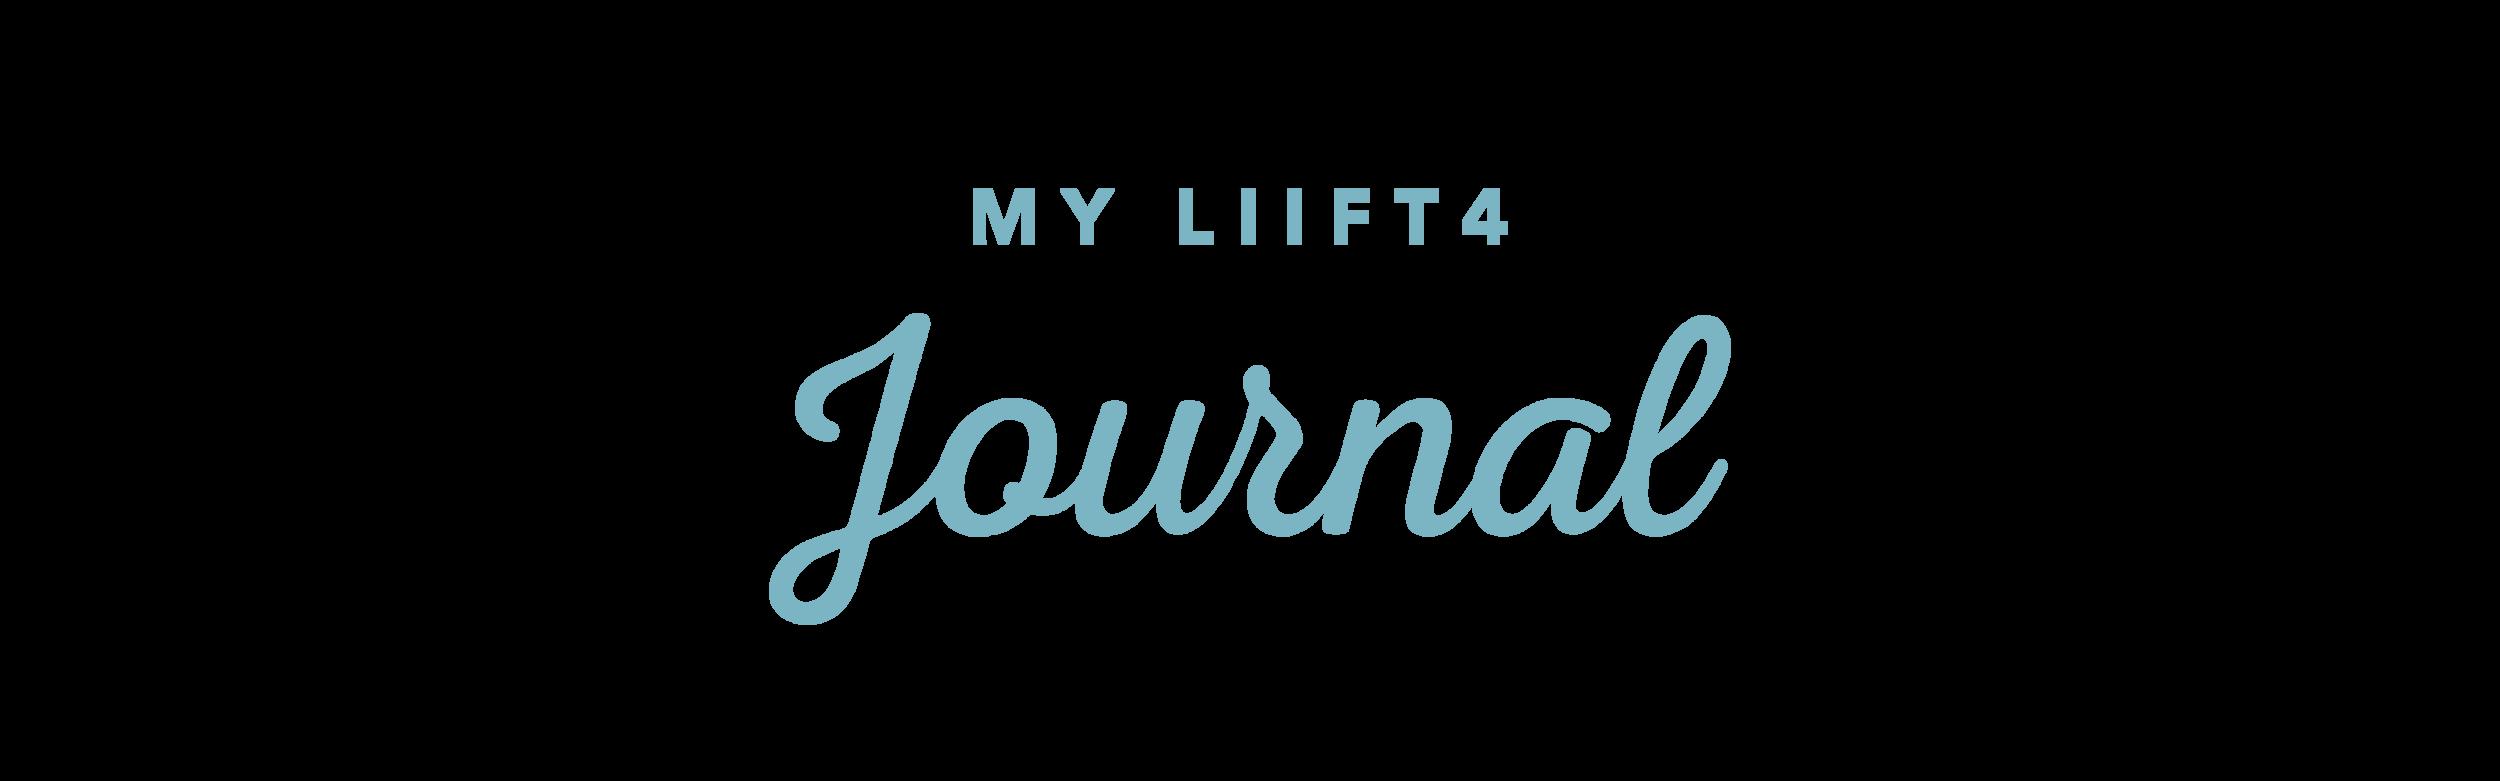 LIIFT4 Journal